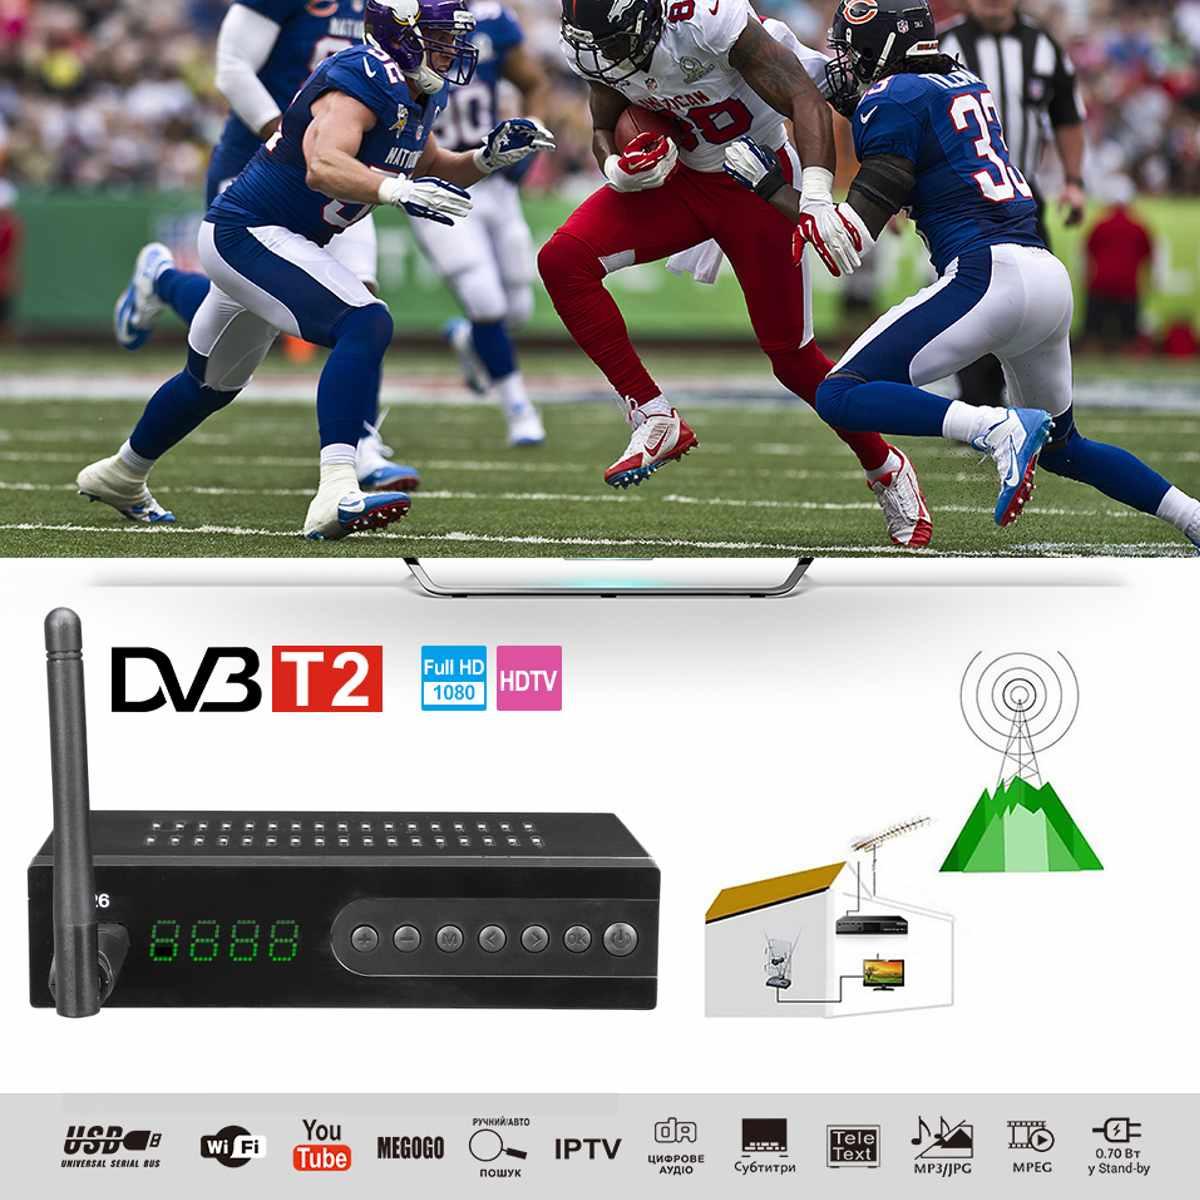 LEORY HDMI récepteur Tv Satellite Tuner Dvb T2 Wifi Full HD 1080 P Dvb-t2 Tuner TV boîtier Dvbt2 avec antenne